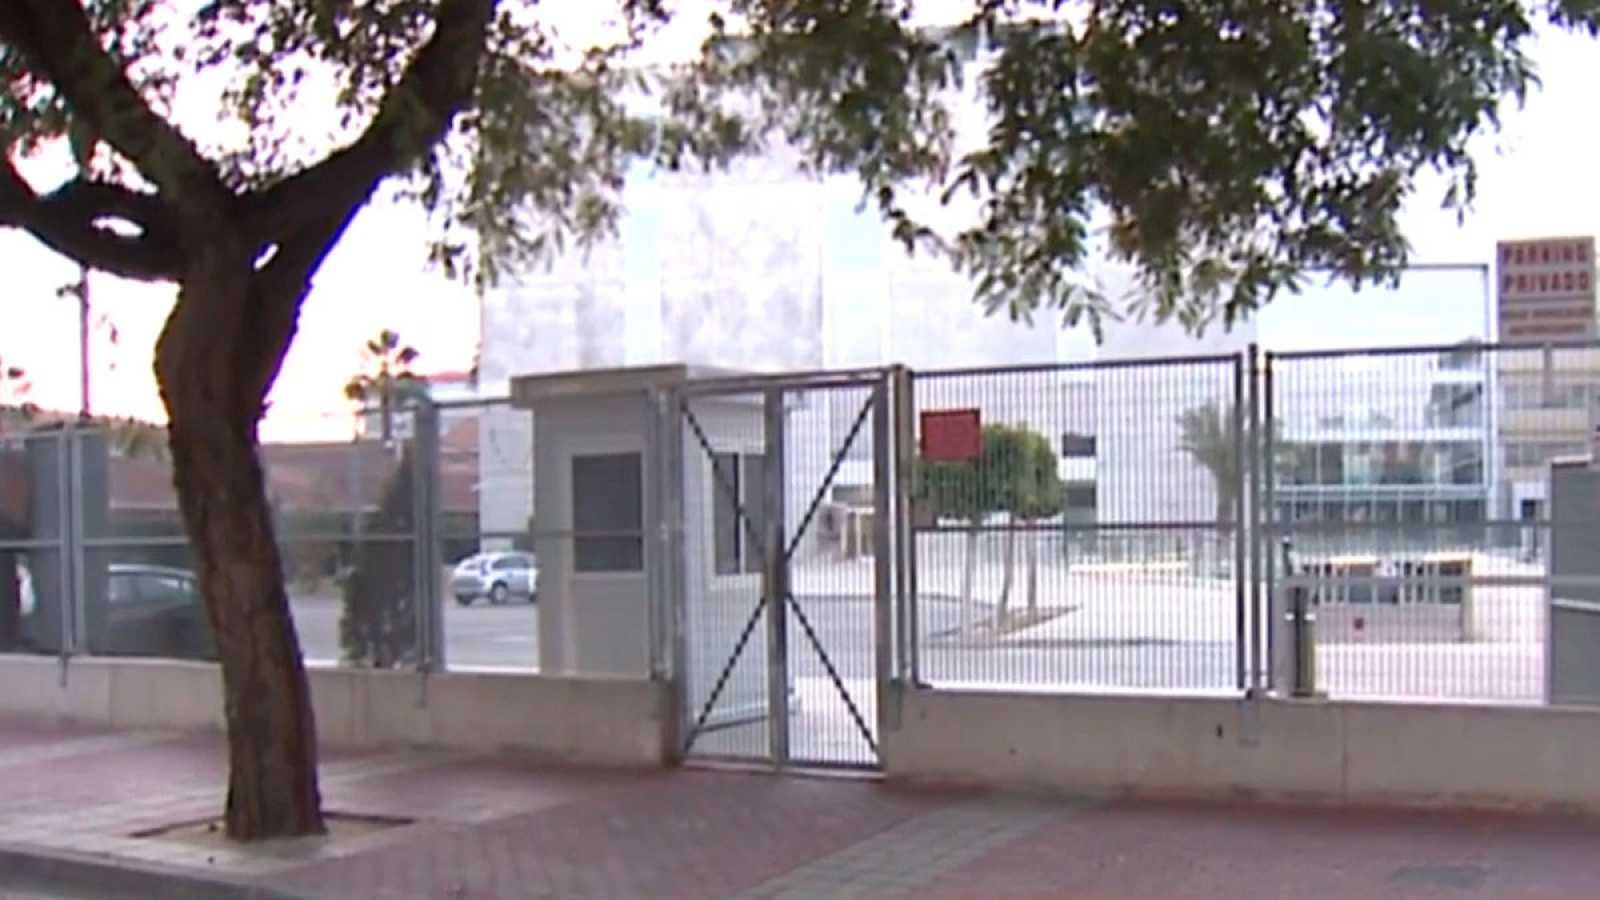 Los detenidos por agresión sexual en Murcia denunciarán por falsedad a las hermanas de EE.UU.